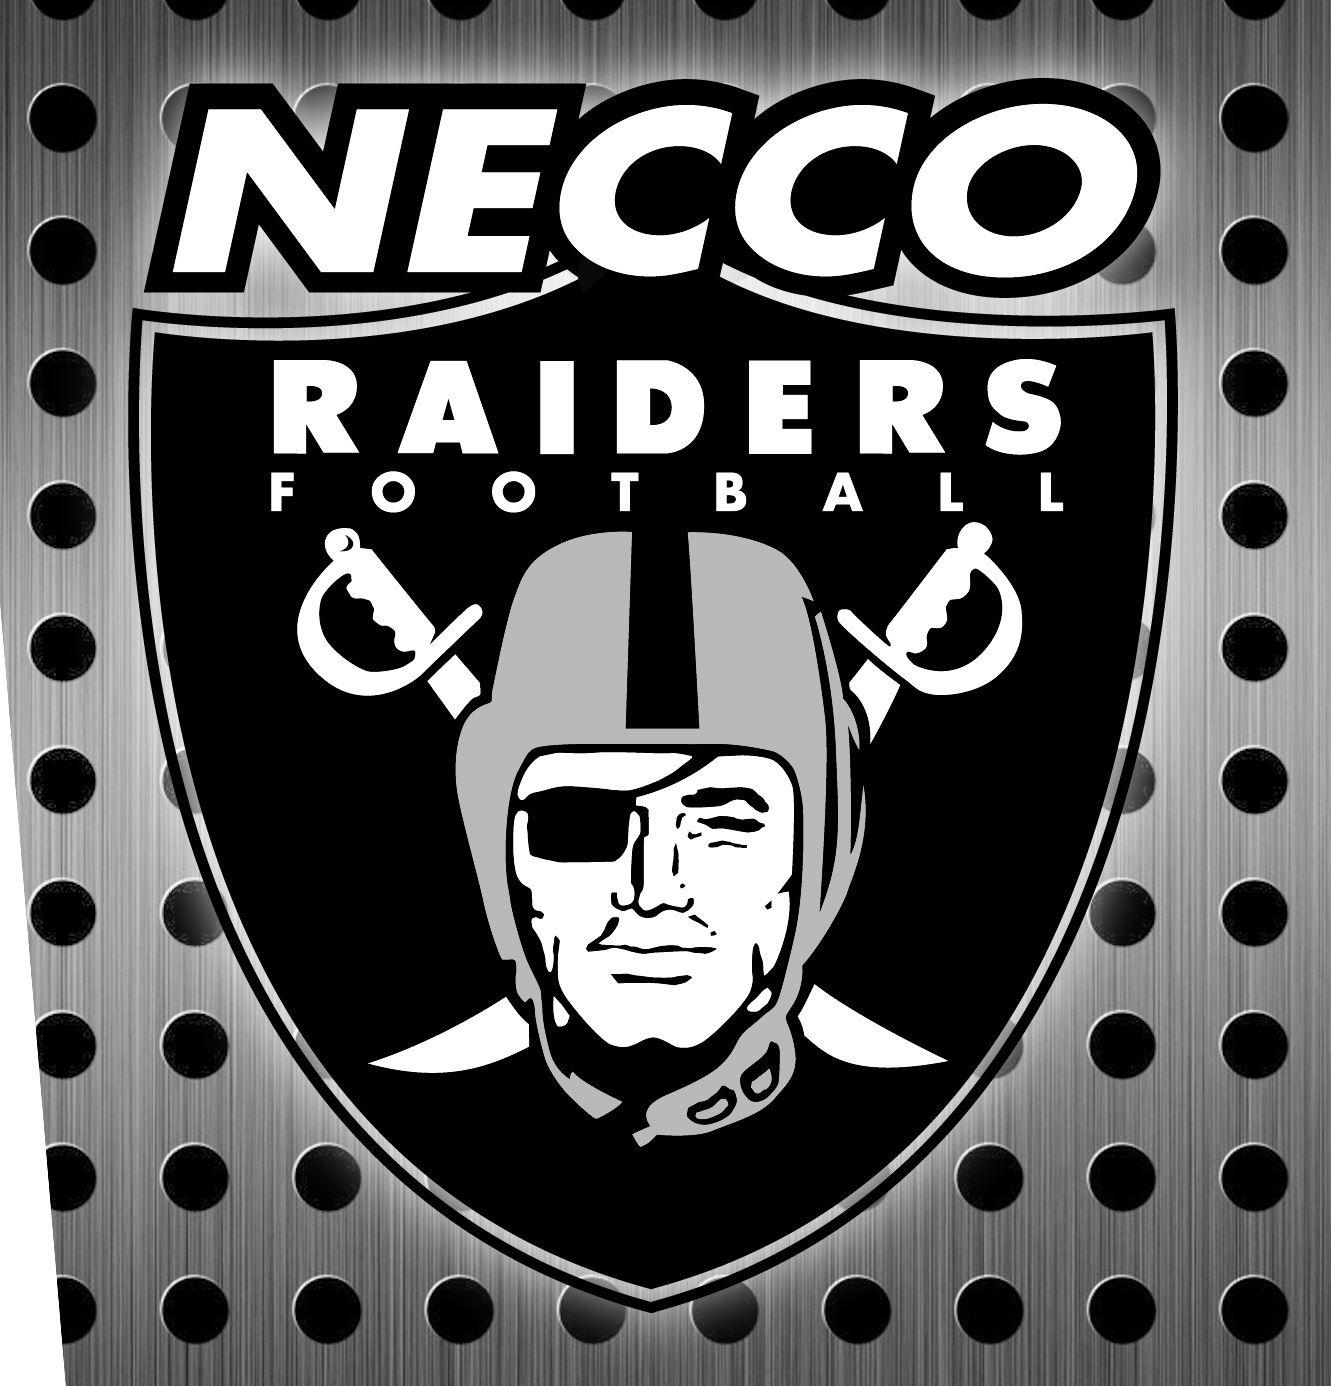 CUSHMO DESIGNS - Necco Raiders -5th/6th